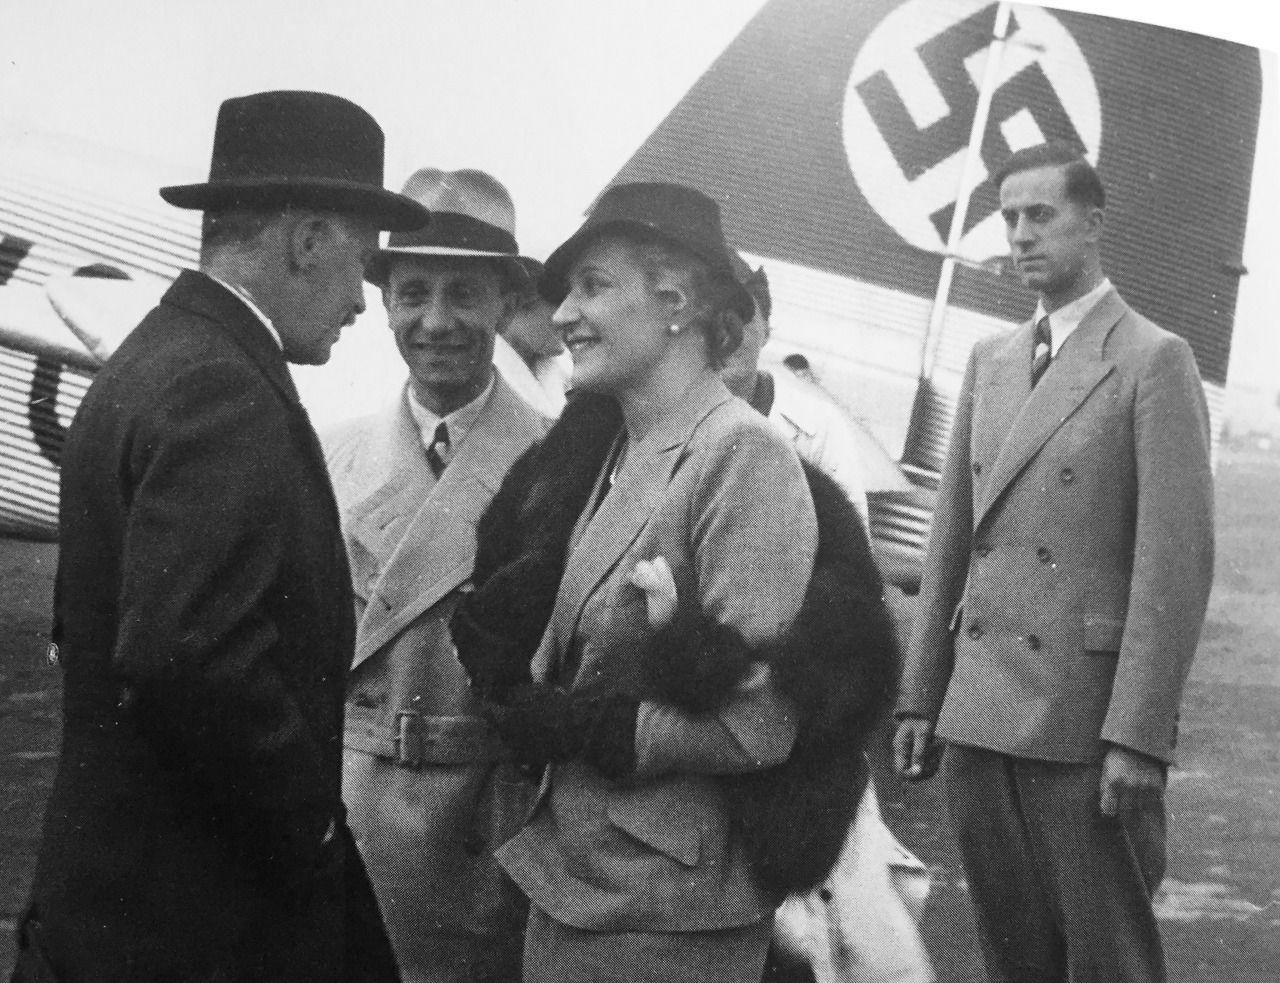 Joseph Goebbels, Magda Goebbels and Dr. Karl Brandt on the ...